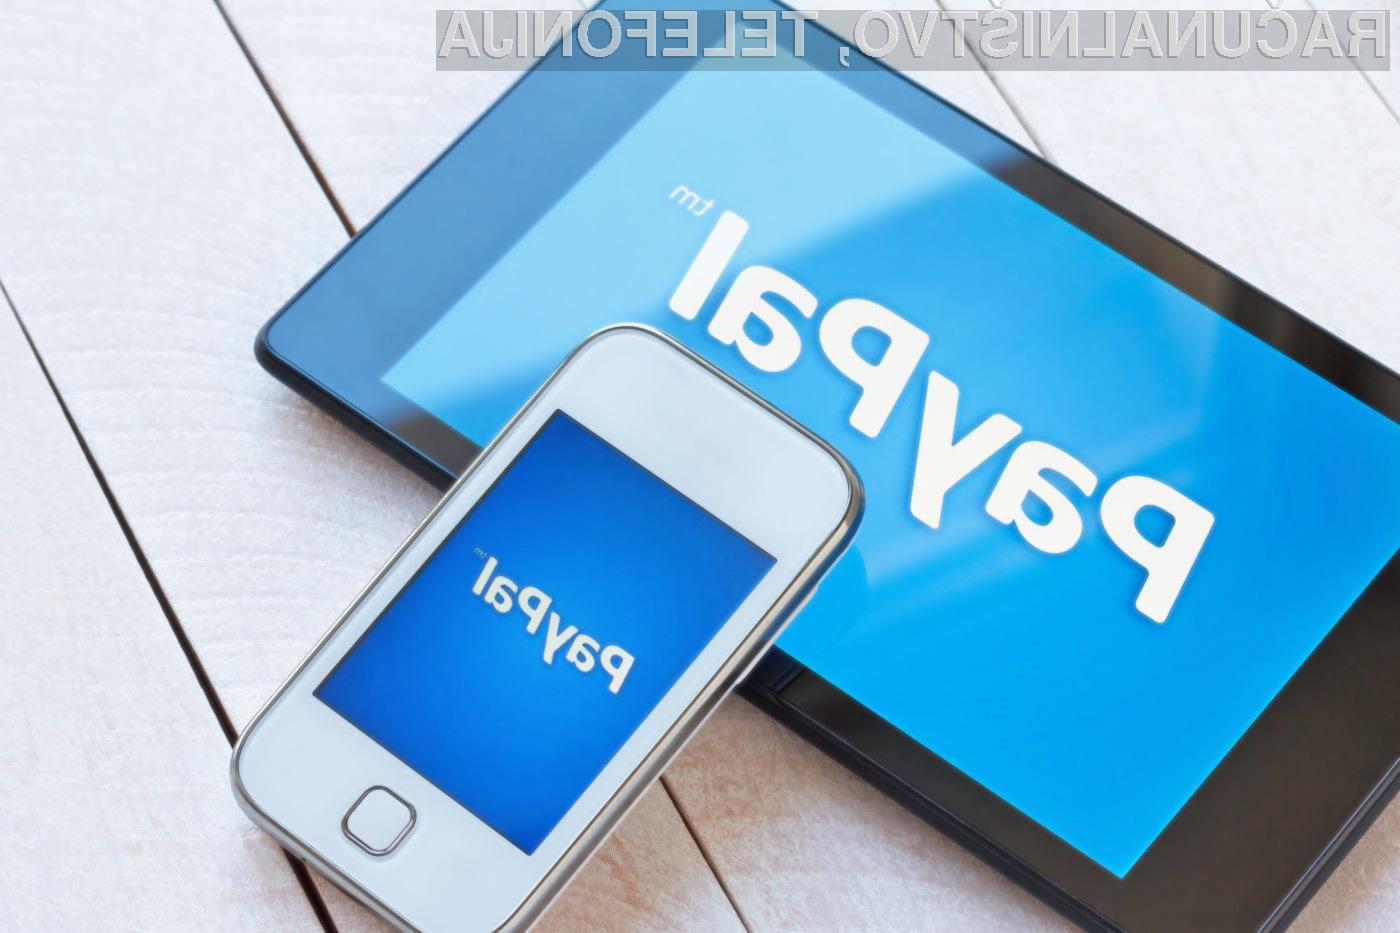 Uporabniki mobilnih naprav Windows Phone, BlackBerry in Amazon Fire bodo aplikacijo PayPal lahko uporabljali le še do konca junija.